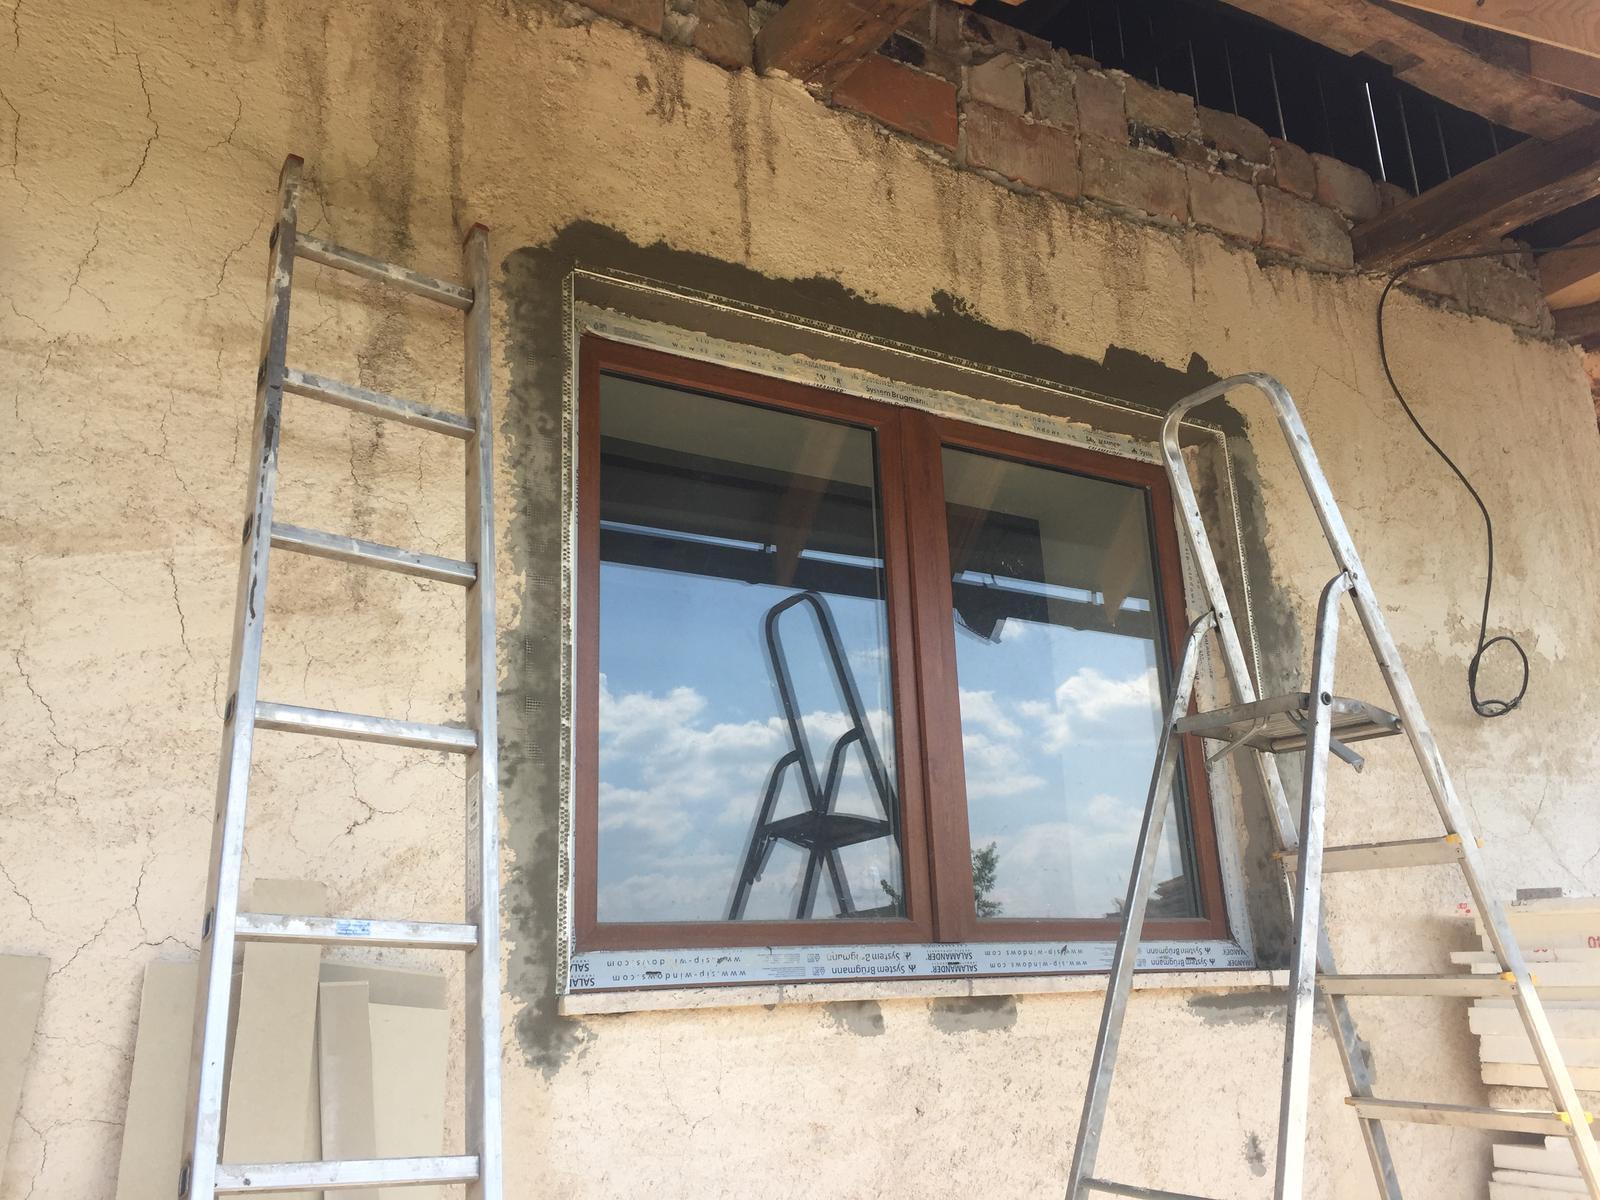 HACIENDA NAPOLI SEBECHLEBY - Pripravy na fasadu...rohy osadene